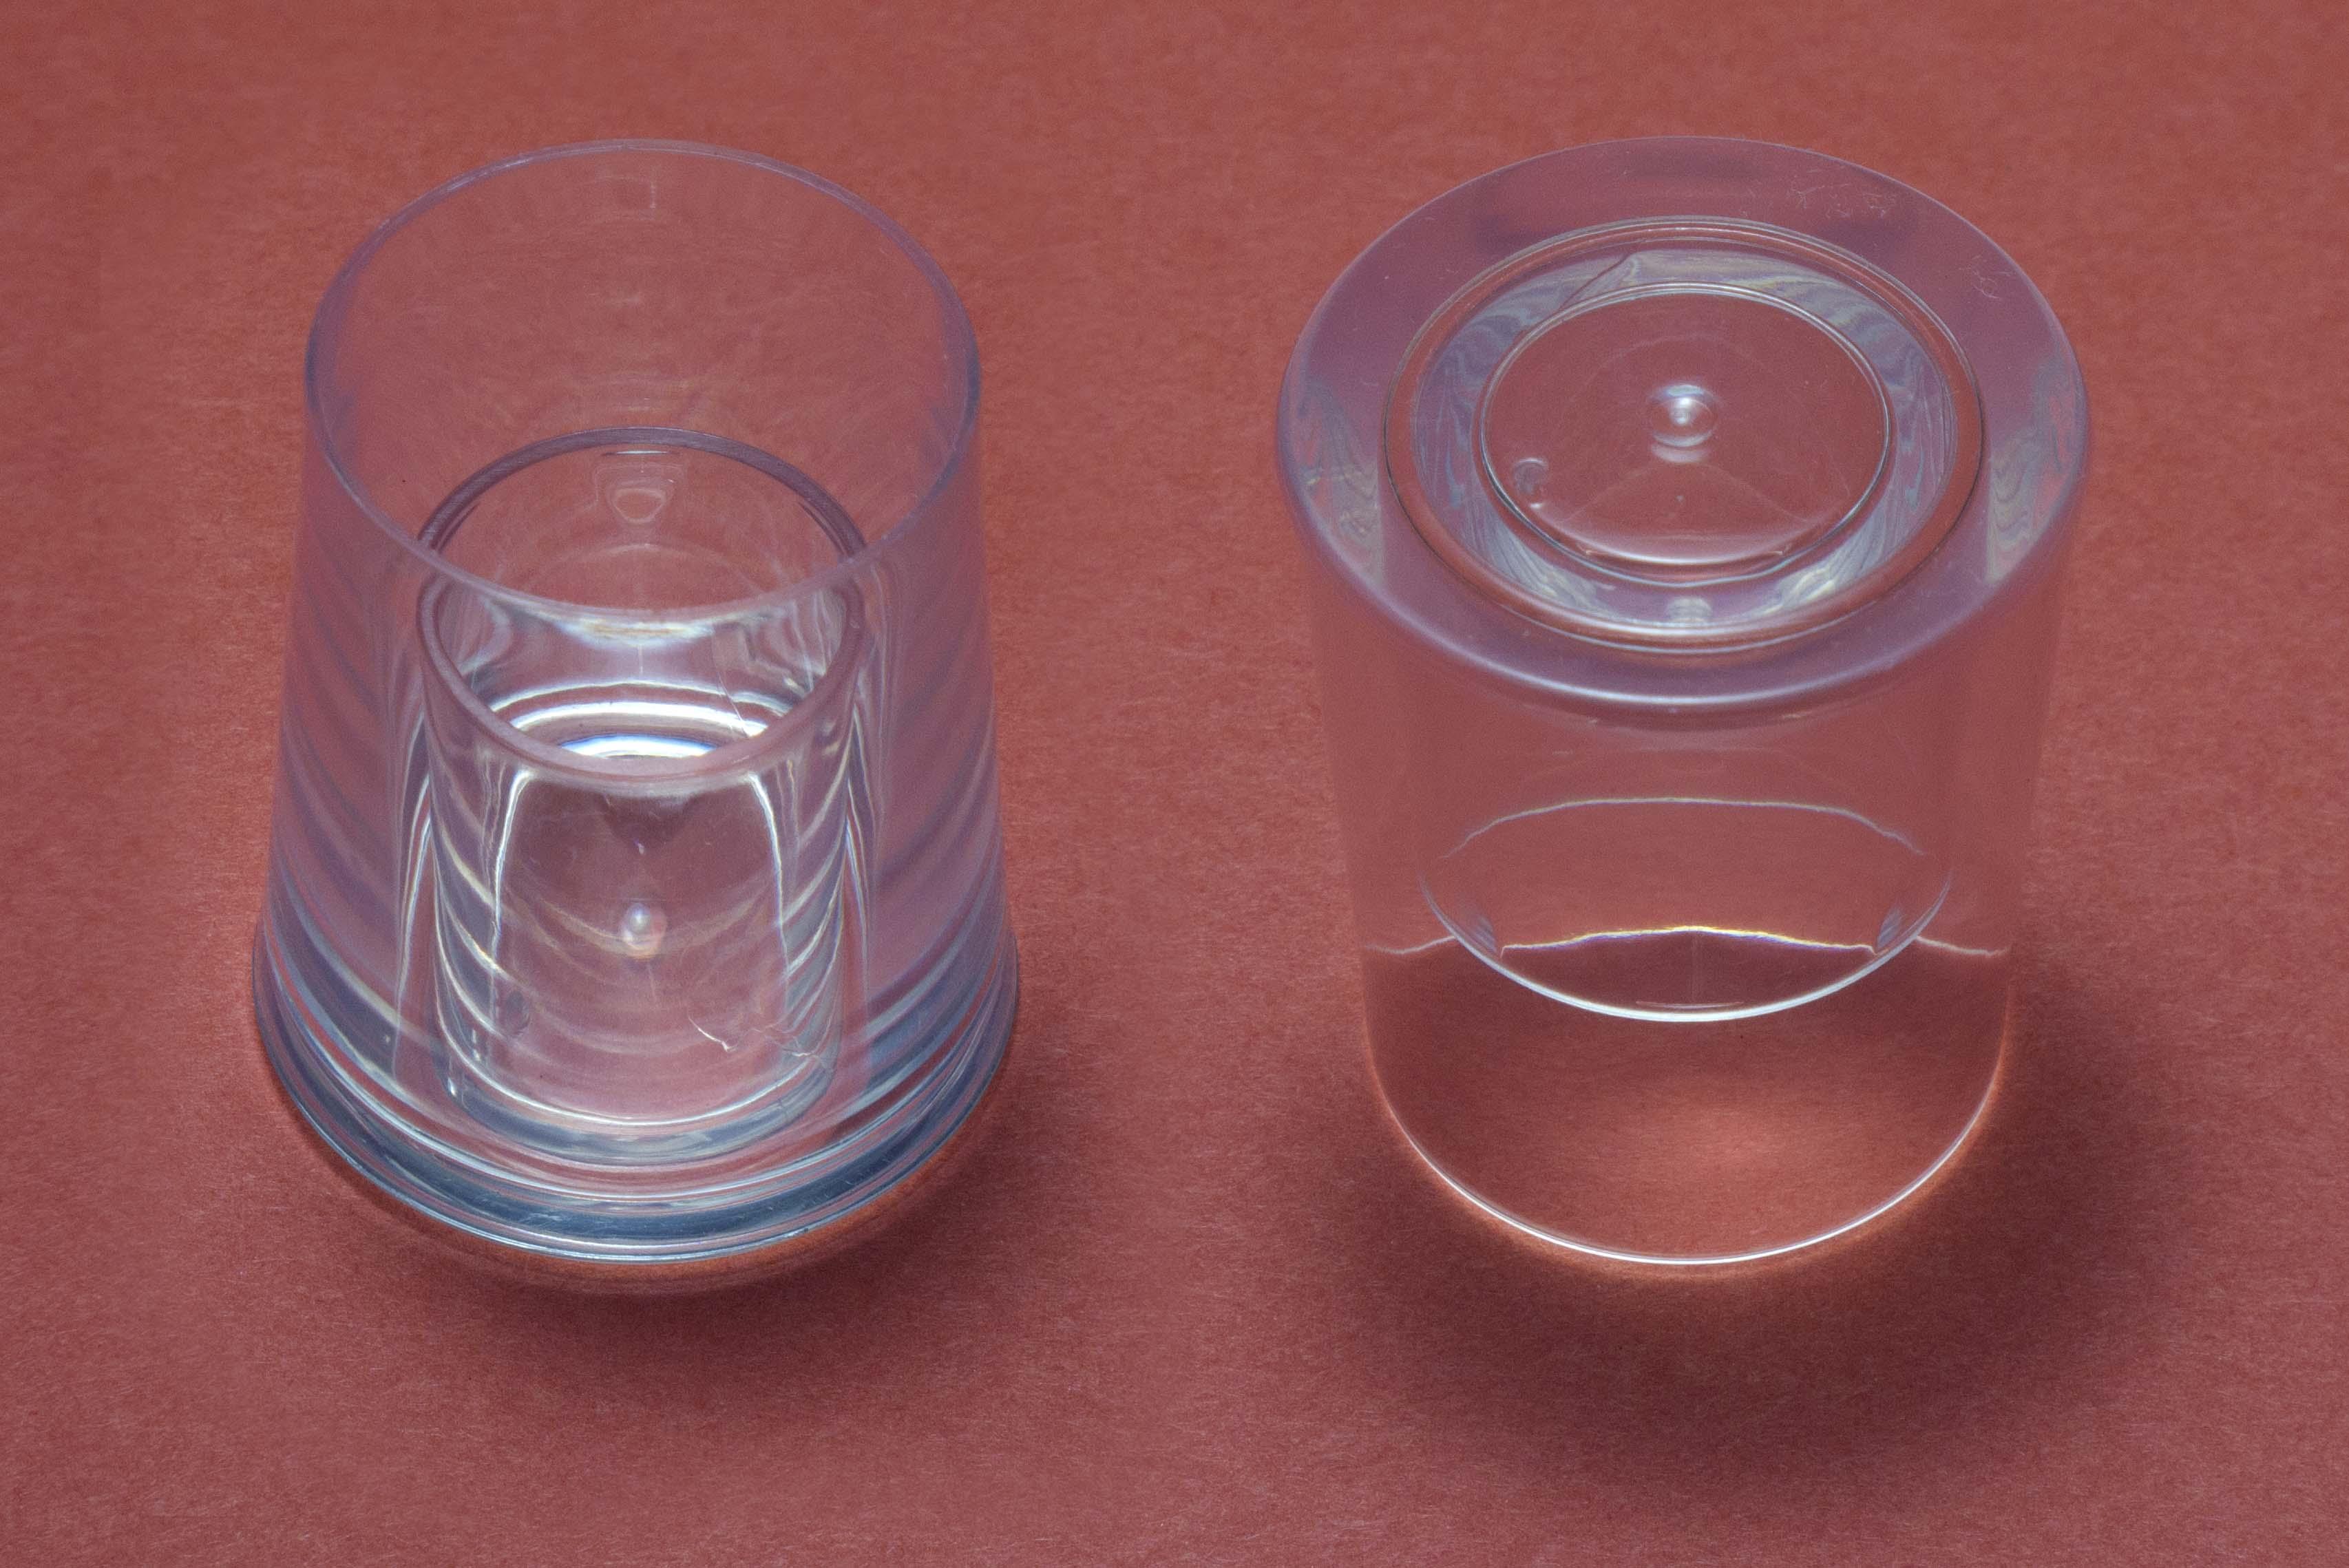 PRODUZIONE ARTICOLI PLASTICA COSMETICA STAMPAGGIO MATERIE PLASTICHE INJECTION MOLDING PRODUCTION ABRUZZO ITALY FARMACEUTICA ALIMENTARE AUTOMOTIVE ELETTRONICA GIOCATTOLI SERRAMENTIPRODUZIONE ARTICOLI PLASTICA COSMETICA STAMPAGGIO MATERIE PLASTICHE INJECTION MOLDING PRODUCTION ABRUZZO ITALY FARMACEUTICA ALIMENTARE AUTOMOTIVE ELETTRONICA GIOCATTOLI SERRAMENTI